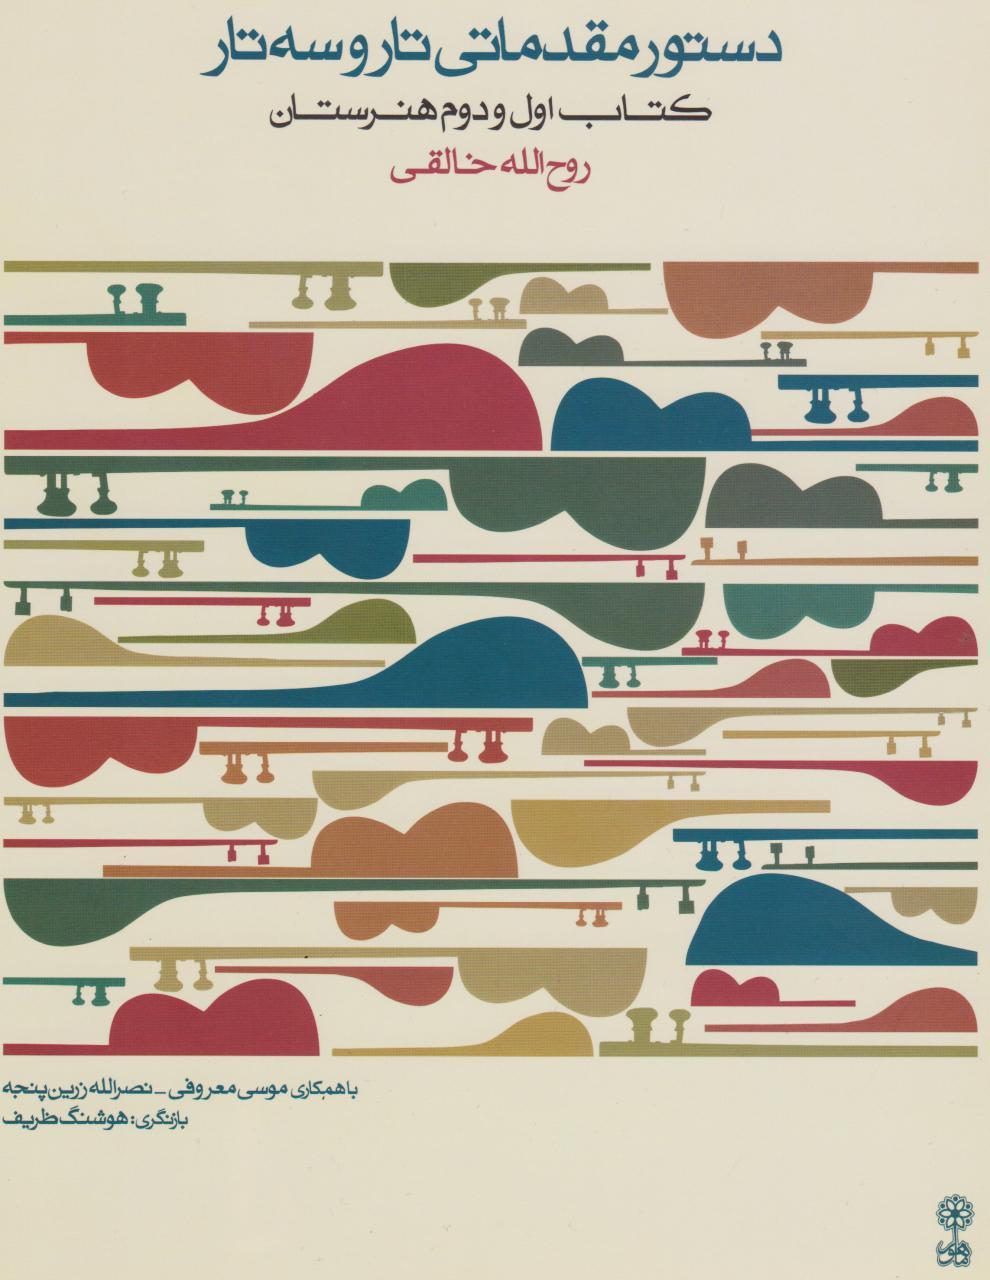 کتاب دستور مقدماتی تار و سهتار (اول و دوم هنرستان) روح الله خالقی انتشارات ماهور